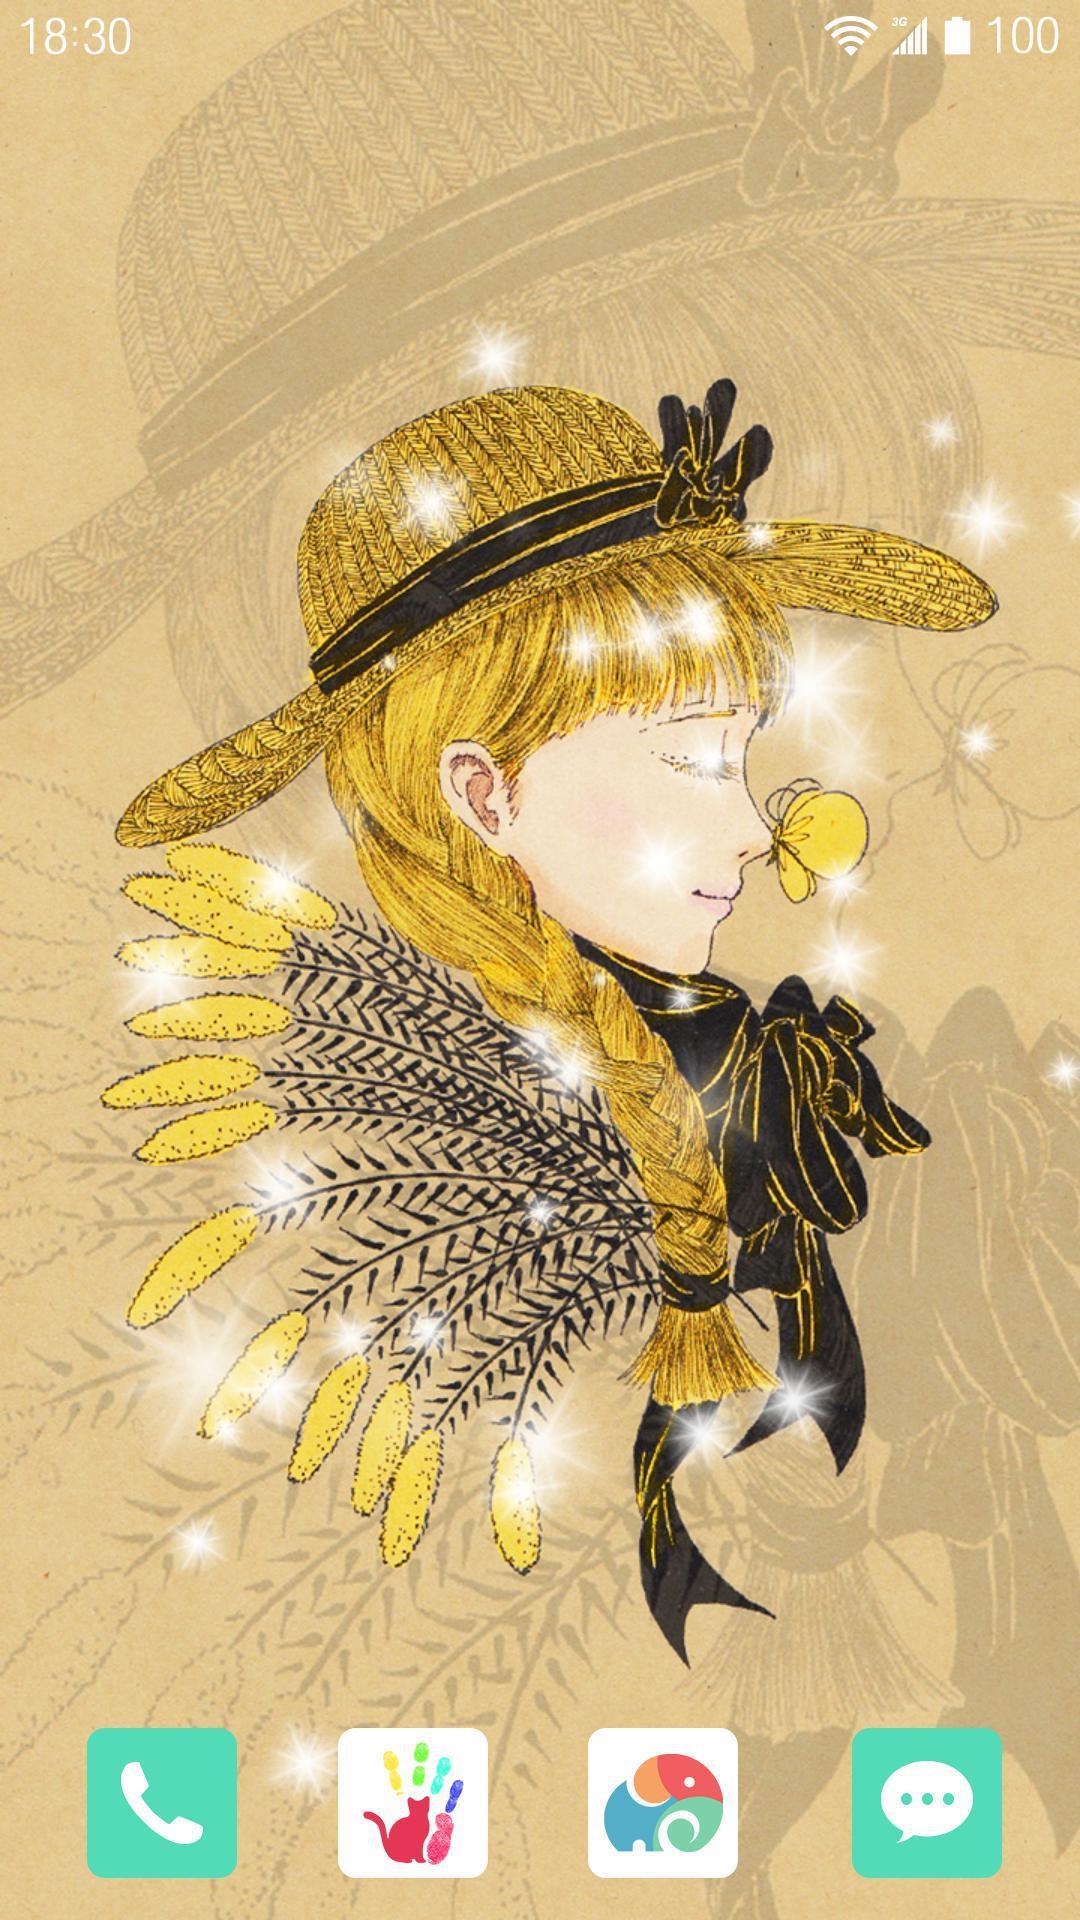 蝶的细语-梦象动态壁纸